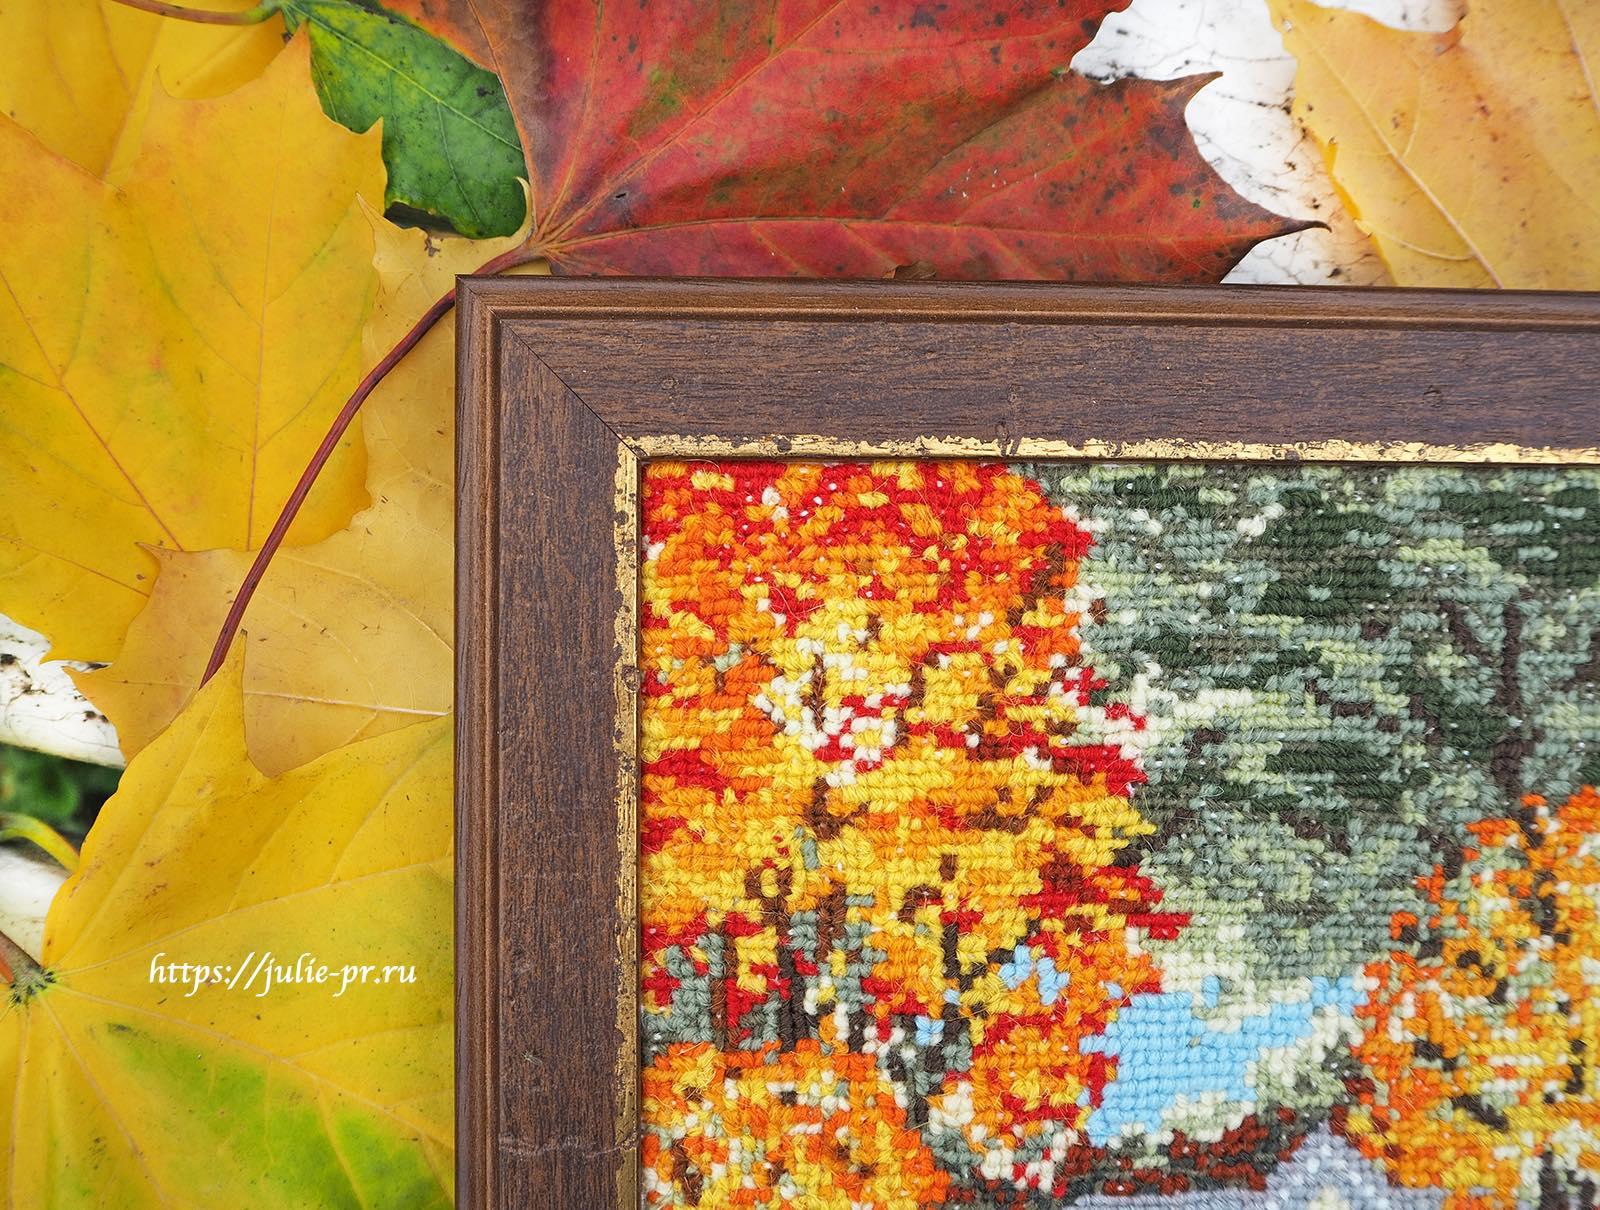 Вышивка крестом Сделай своими руками - Золотая осень